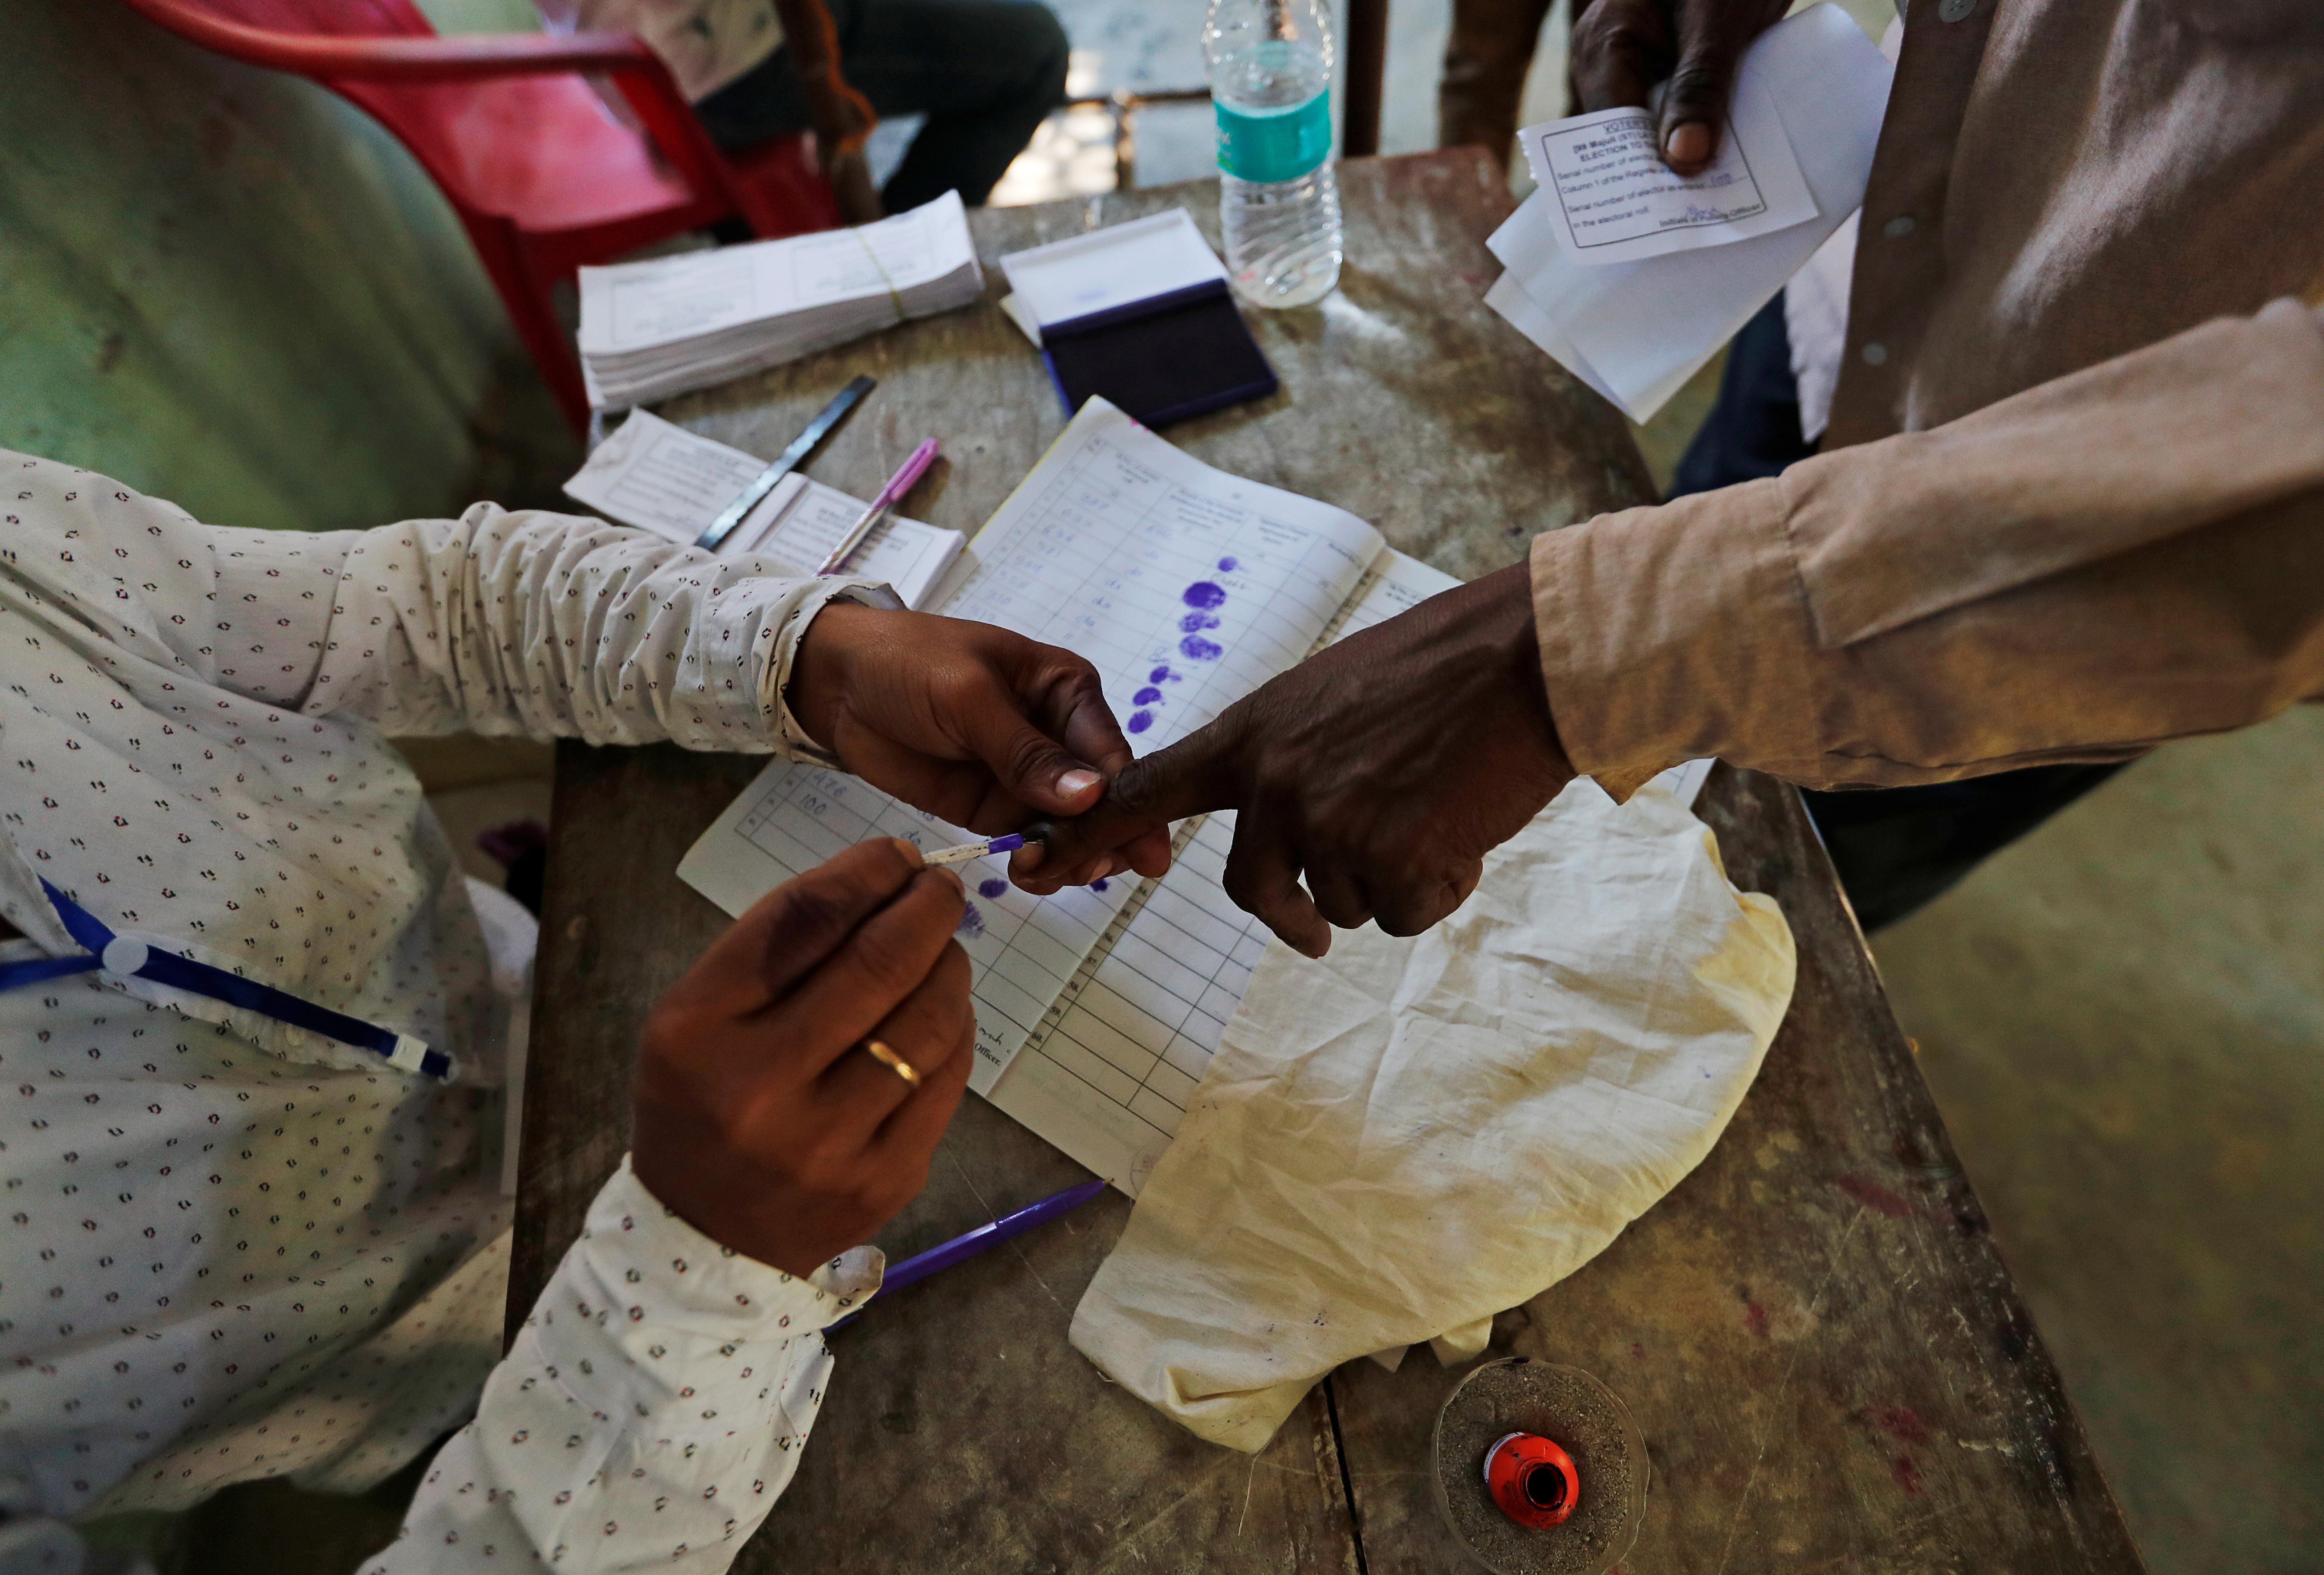 أحد المشاركين فى الانتخابات يضع يده بالحبر السرى